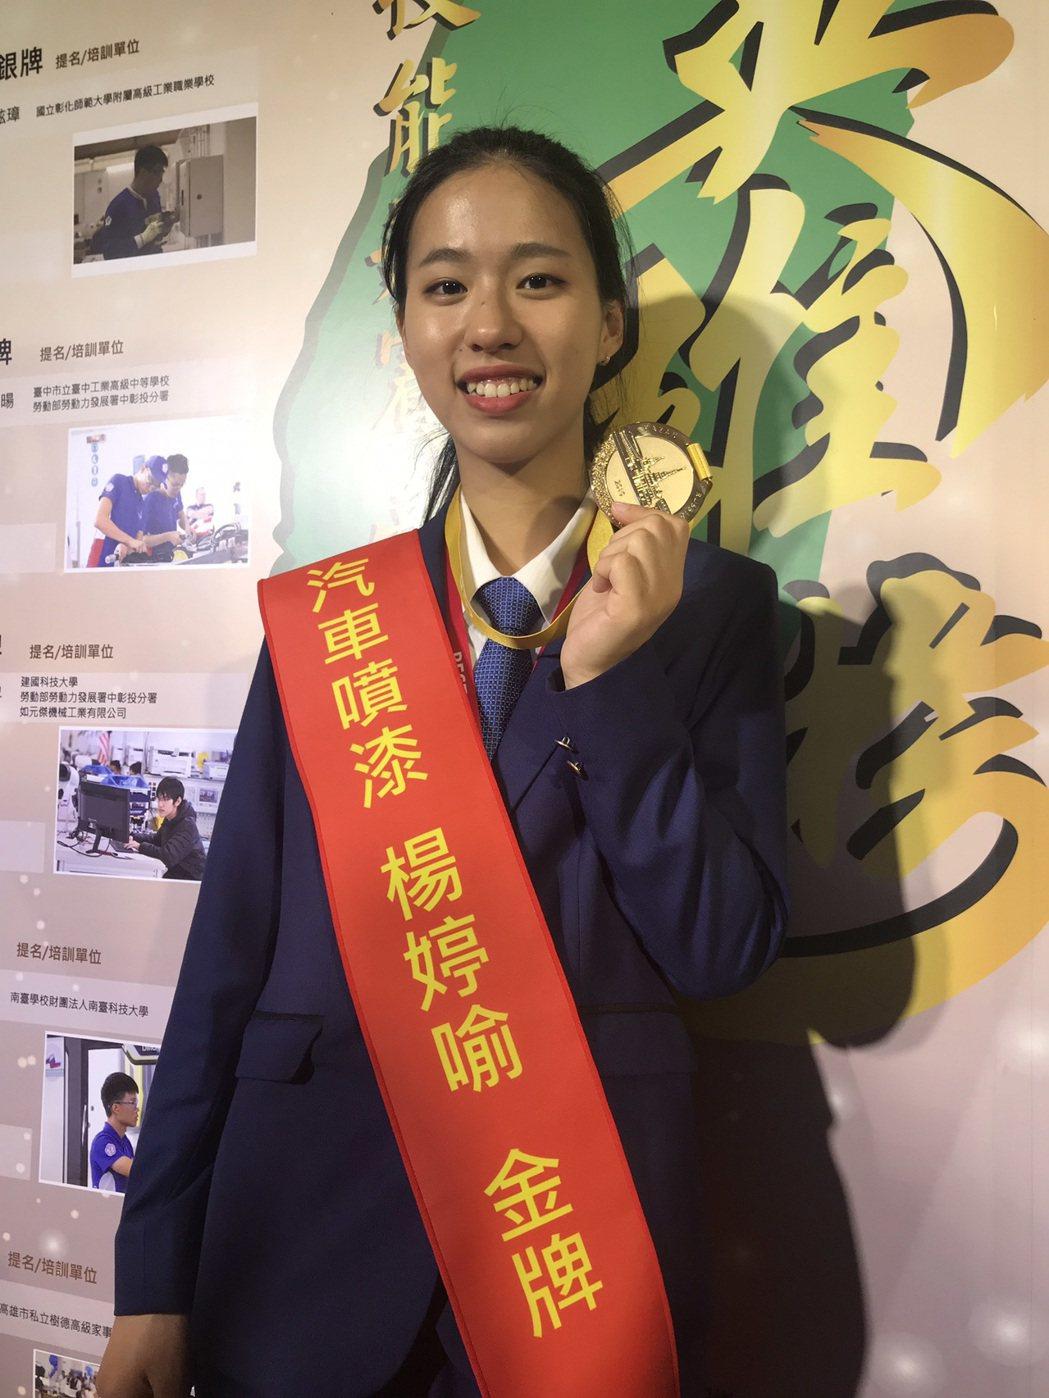 目前就讀台北科技大學三年級的楊婷喻,在第45屆國際技能競賽的汽車噴漆項目勇奪金牌...